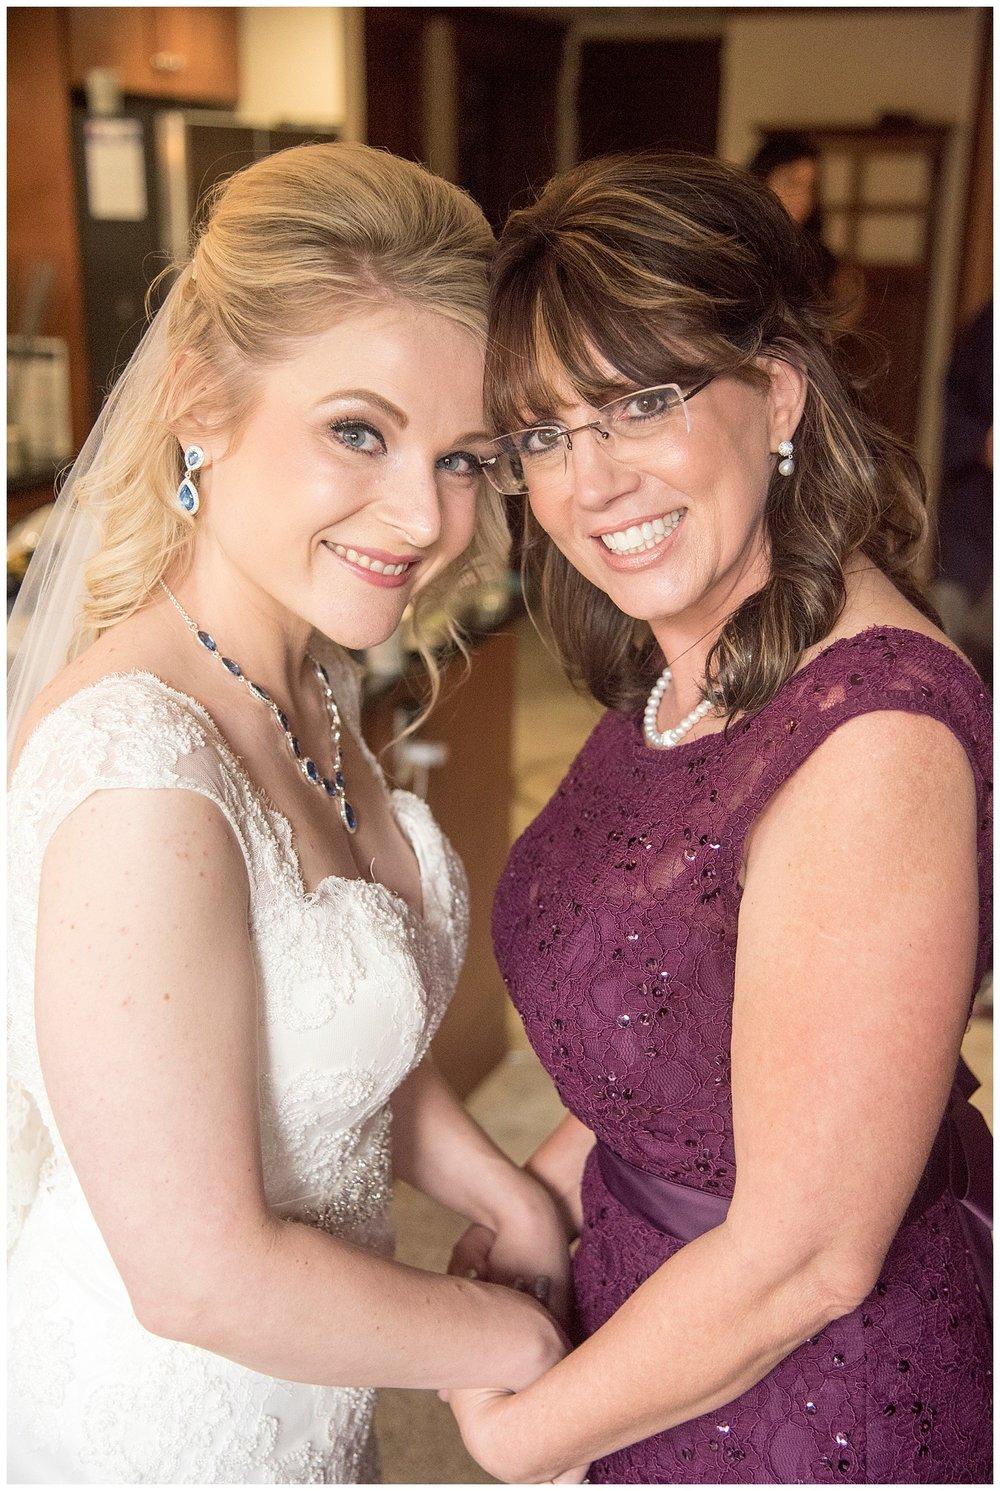 Bride & Mom | Chris & Destiny's Destination Wedding | Breckenridge Wedding Photographer | Colorado Farm Wedding Photographer | Apollo Fields Wedding Photojournalism